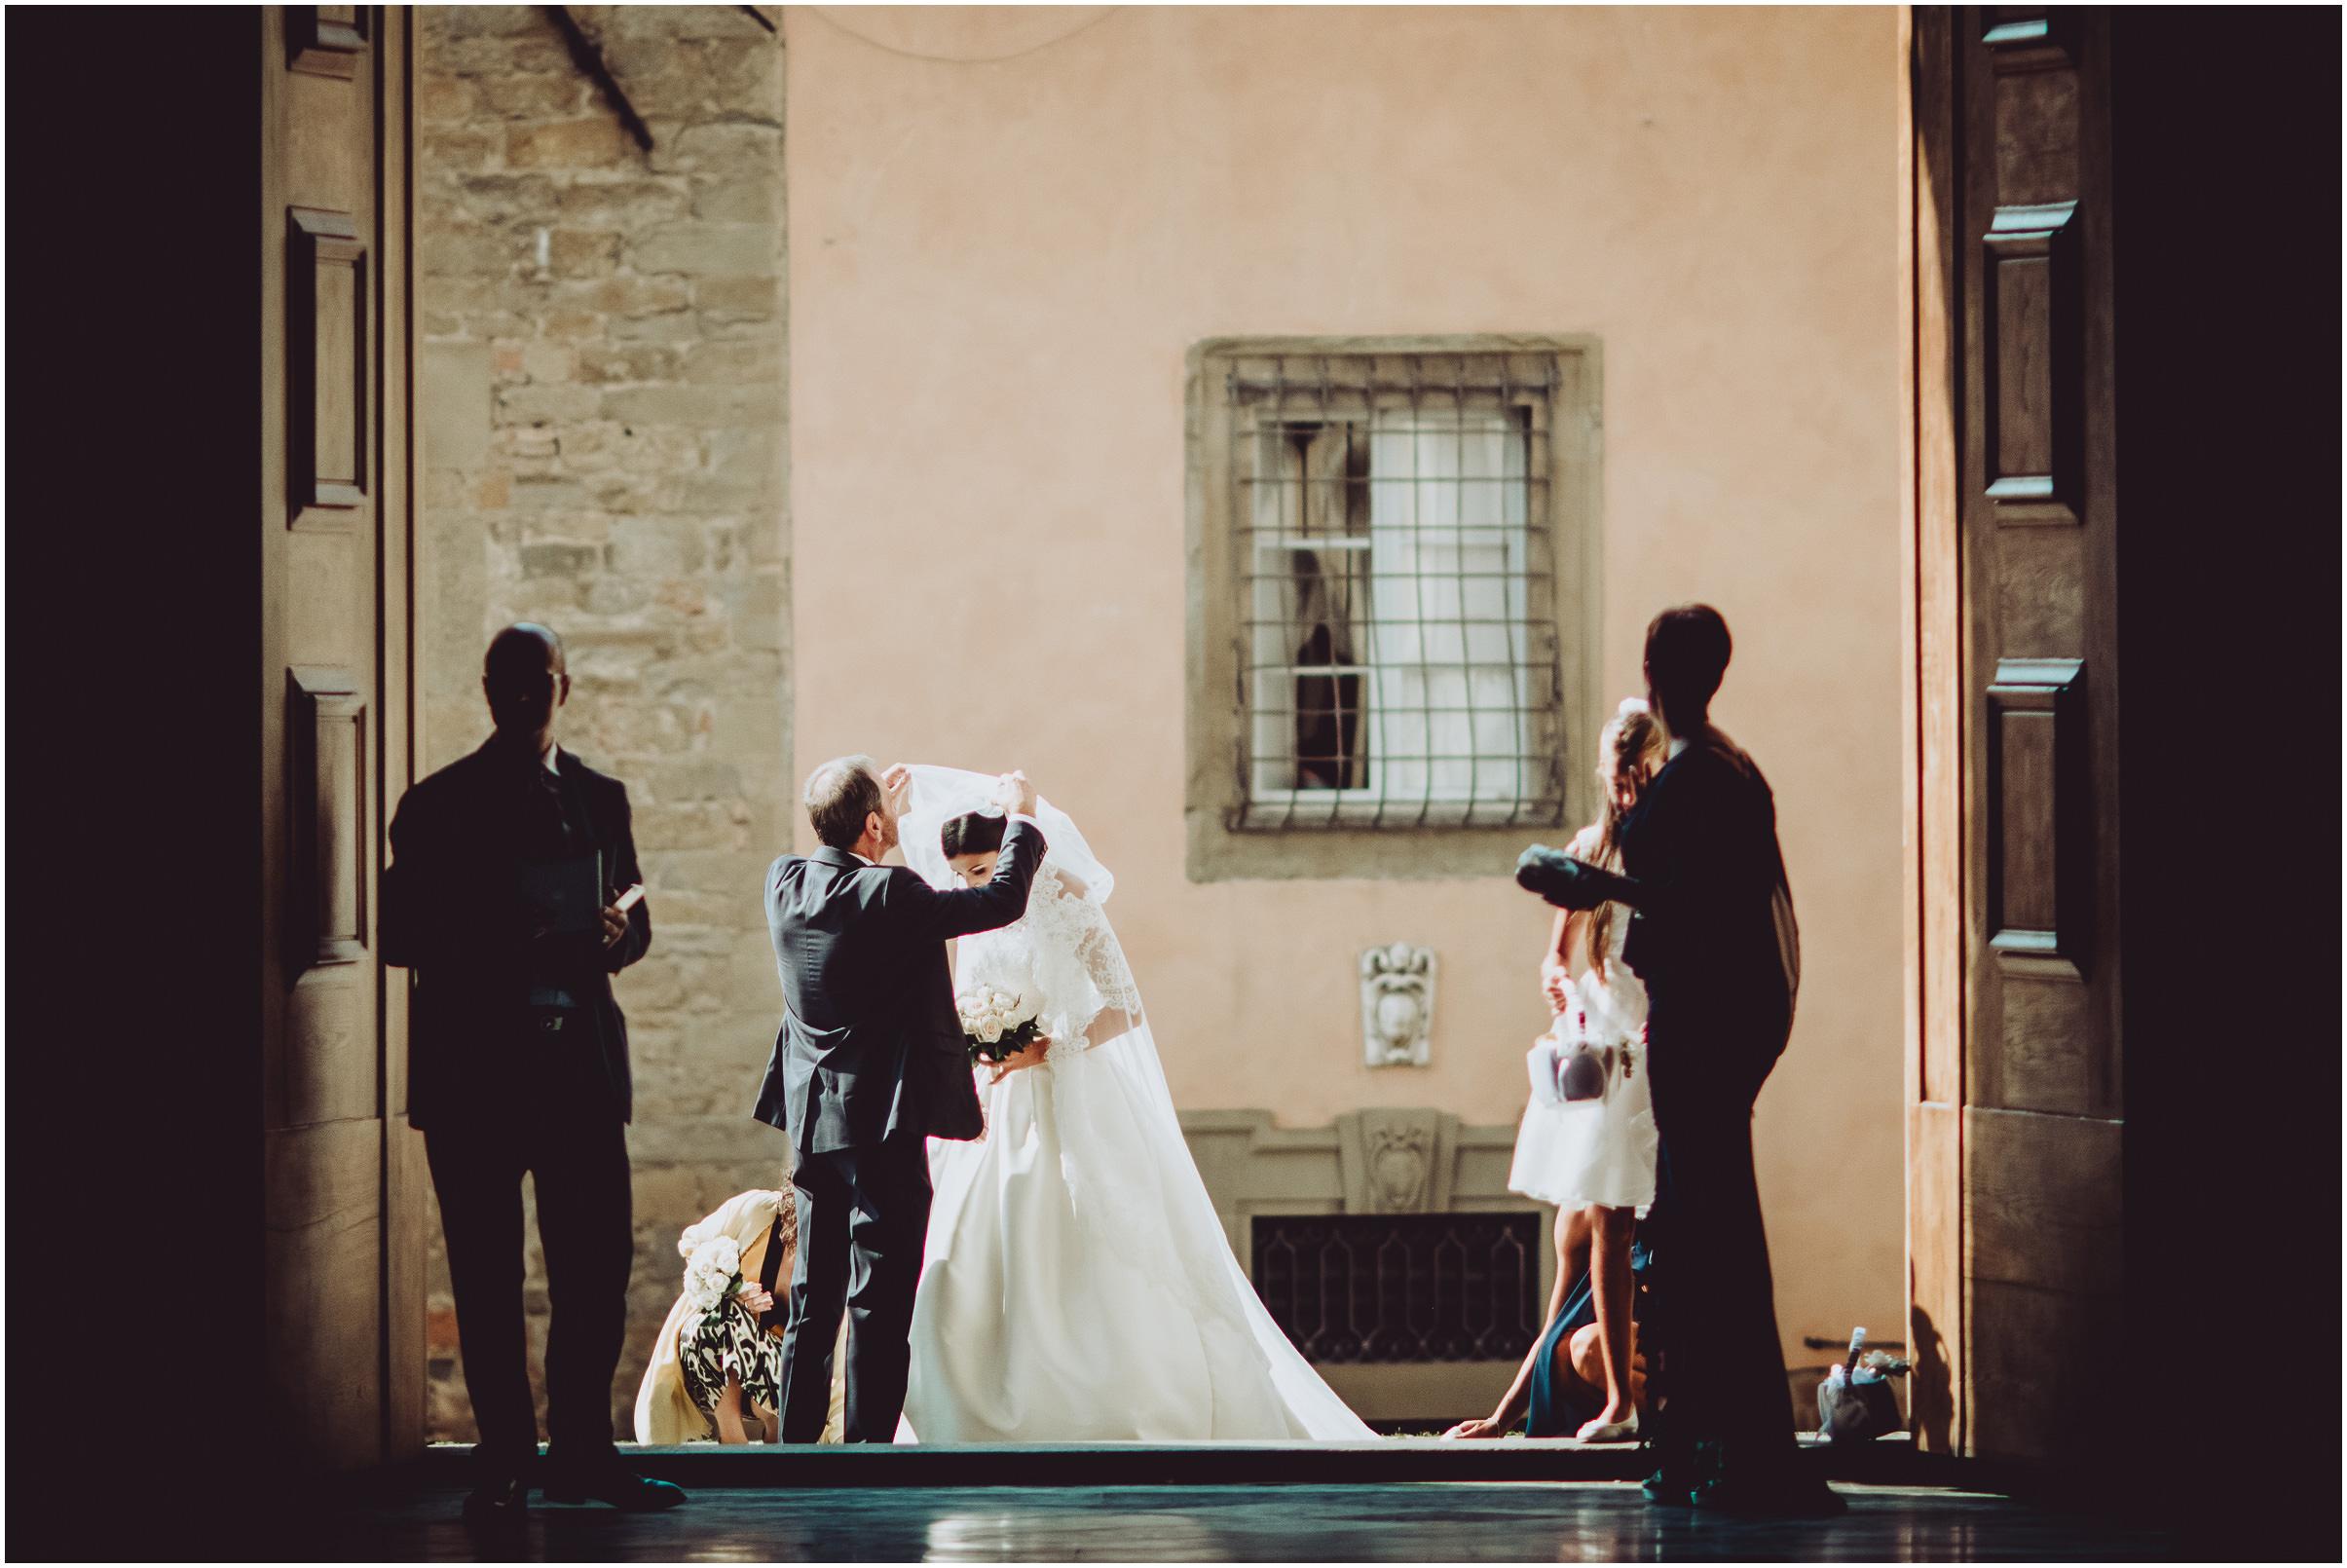 WEDDING-PHOTOGRAPHY-SARA-LORENZONI-FOTOGRAFIA-MATRIMONIO-AREZZO-TUSCANY-EVENTO-LE-SPOSE-DI-GIANNI-ELISA-LUCA015